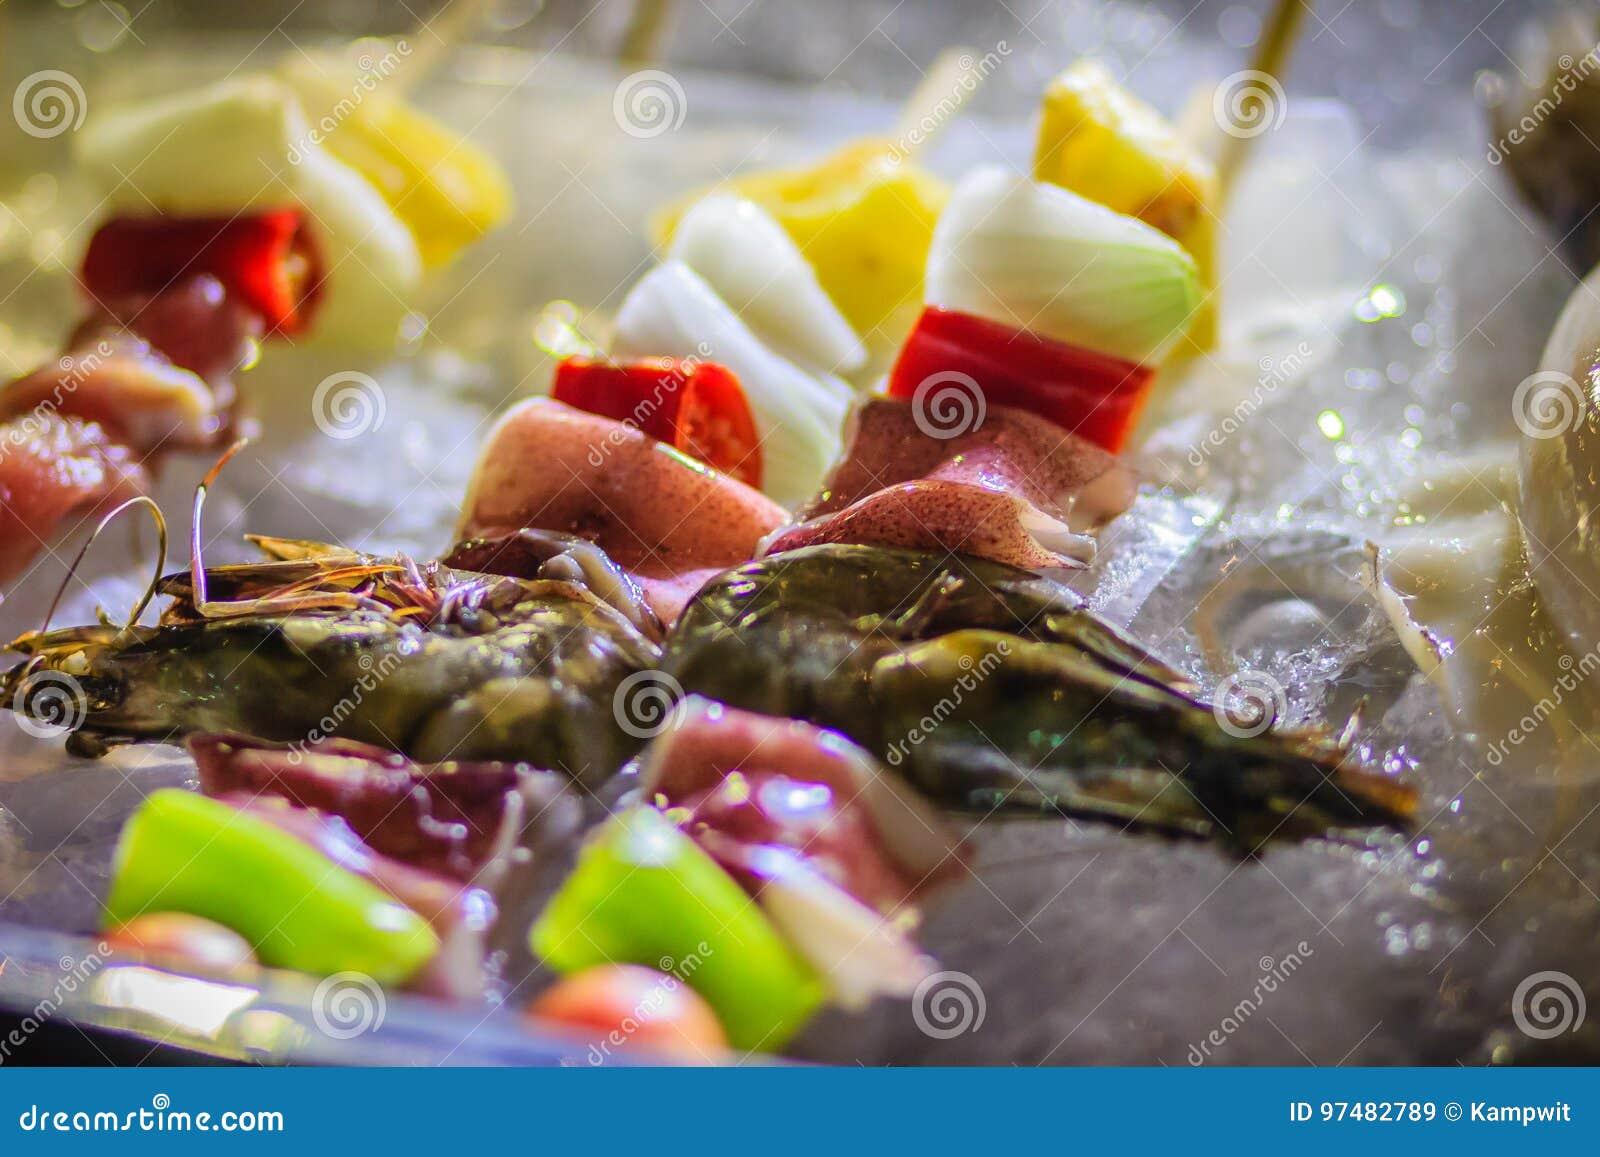 Chiuda su dei frutti di mare crudi e del barbecue della carne di maiale (BBQ) infilzati sulle sedere